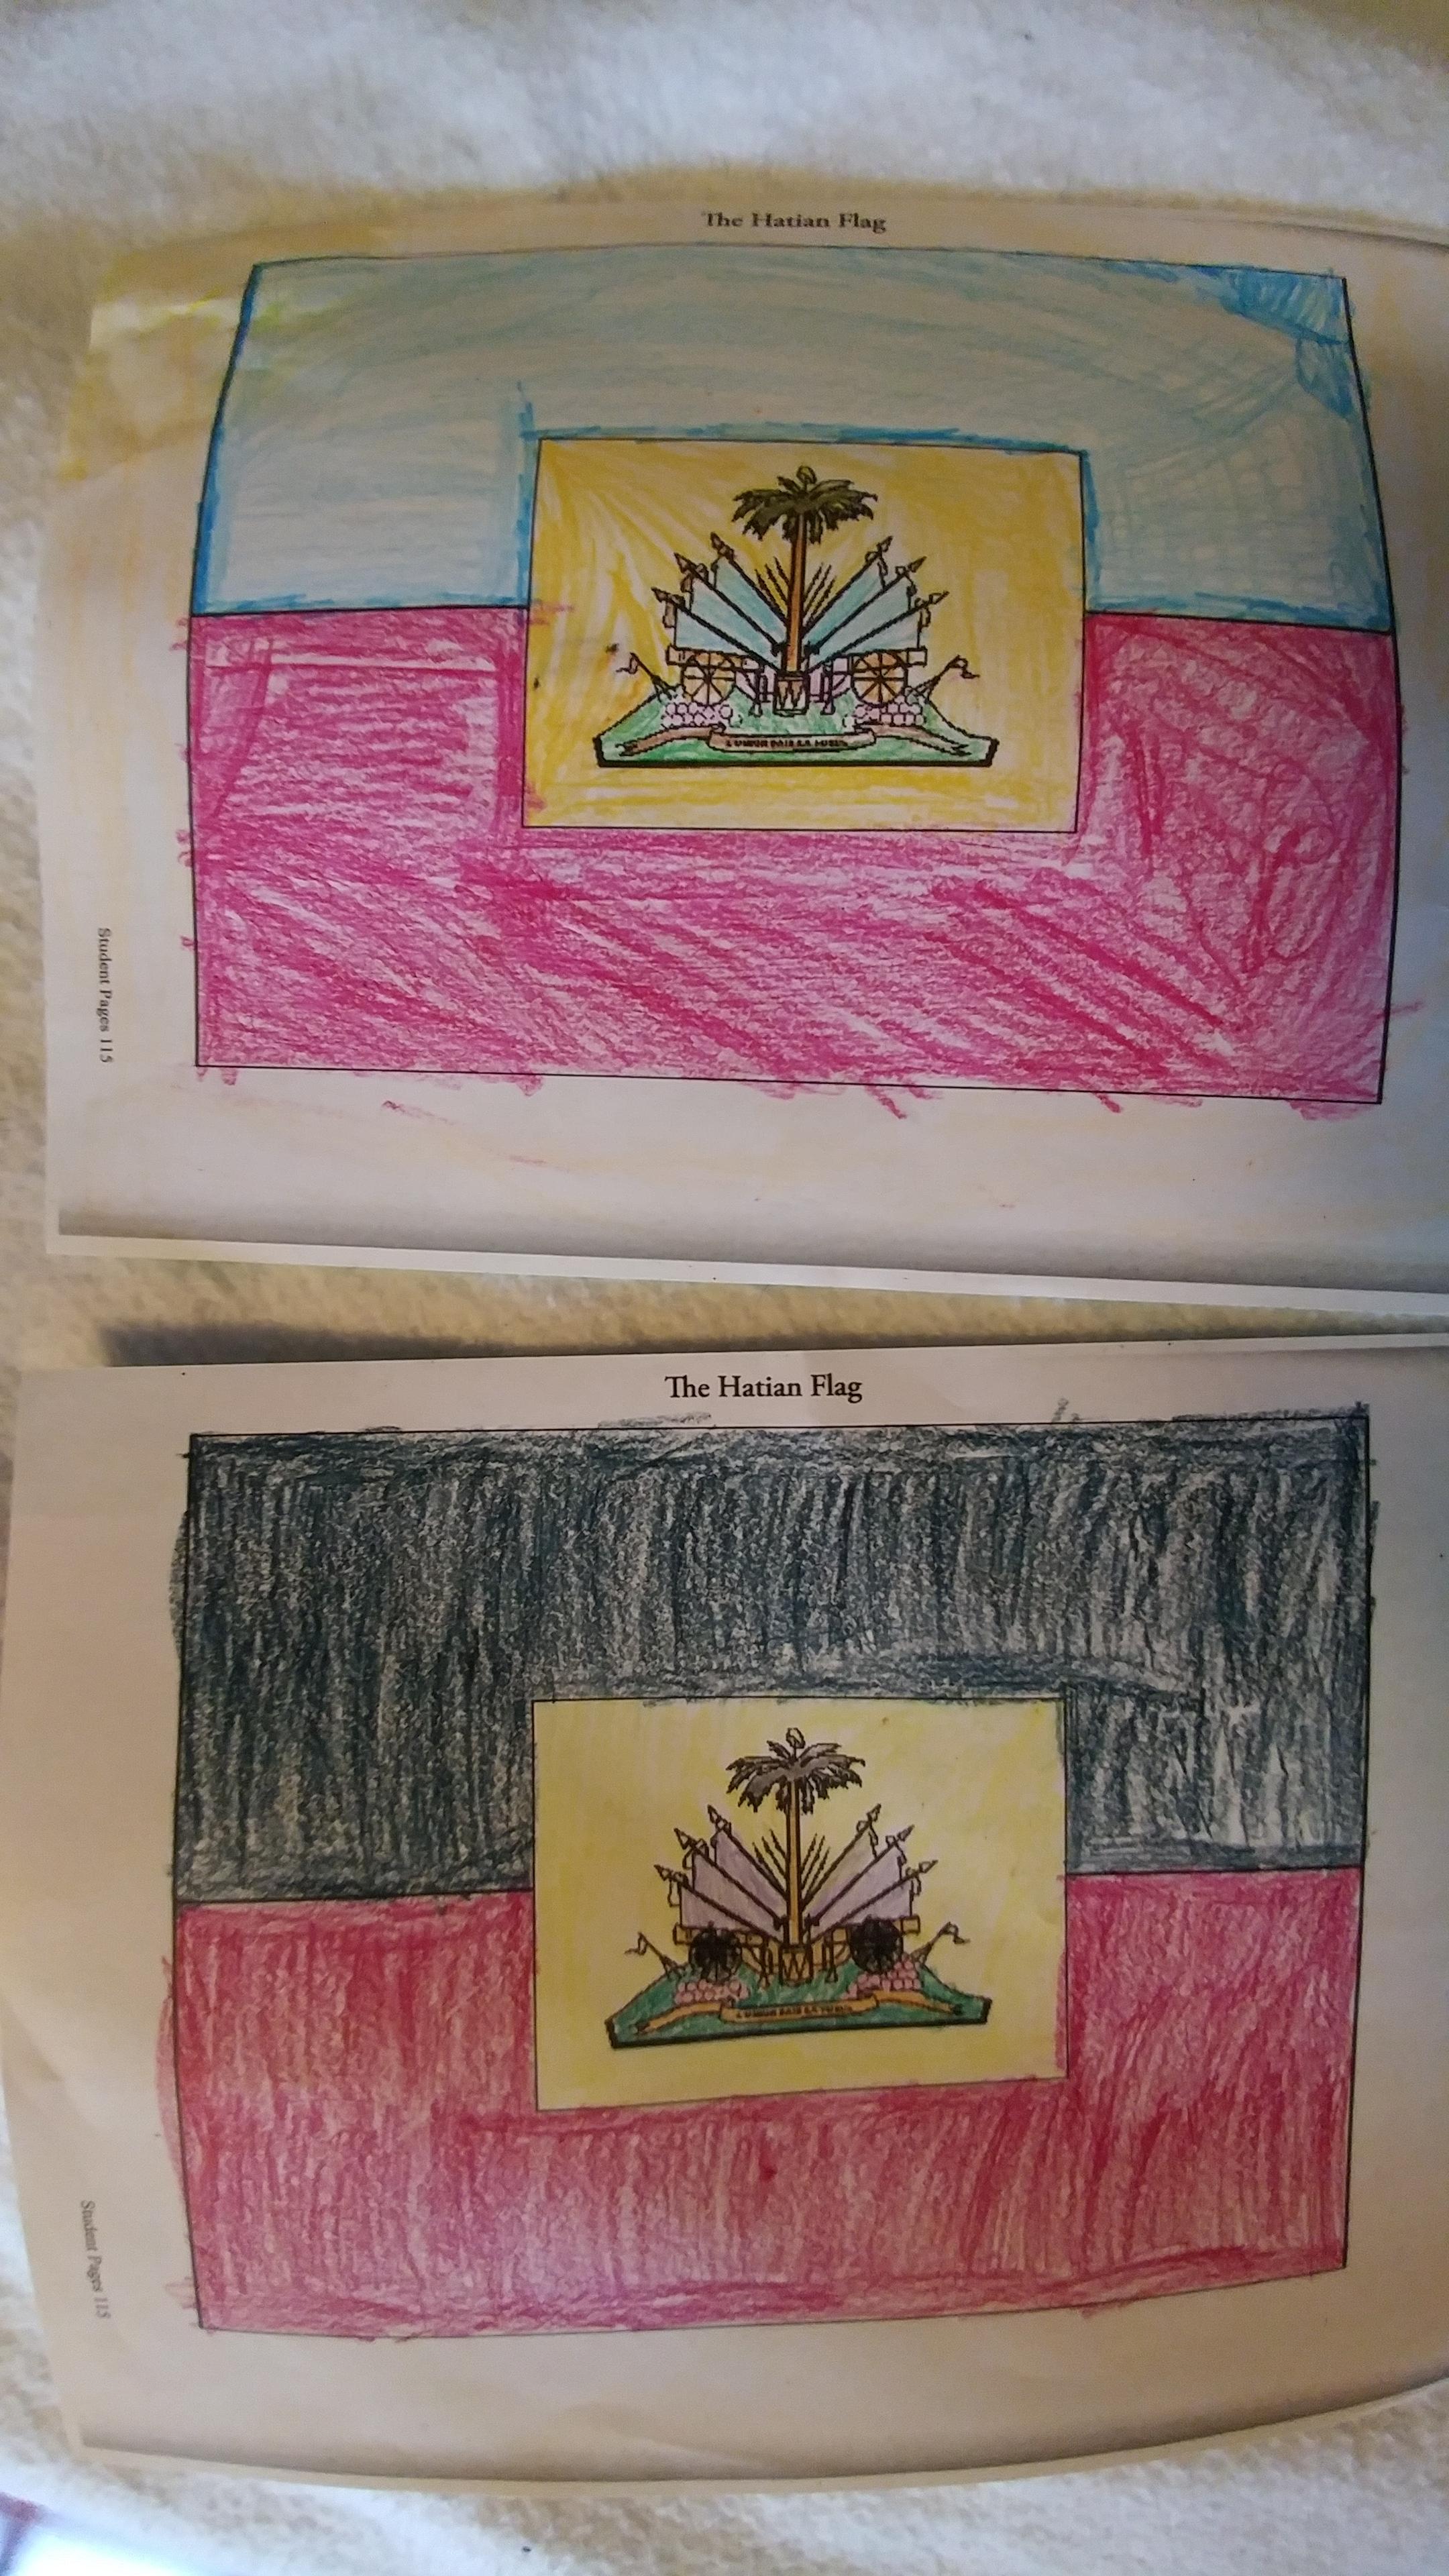 Haitian flags